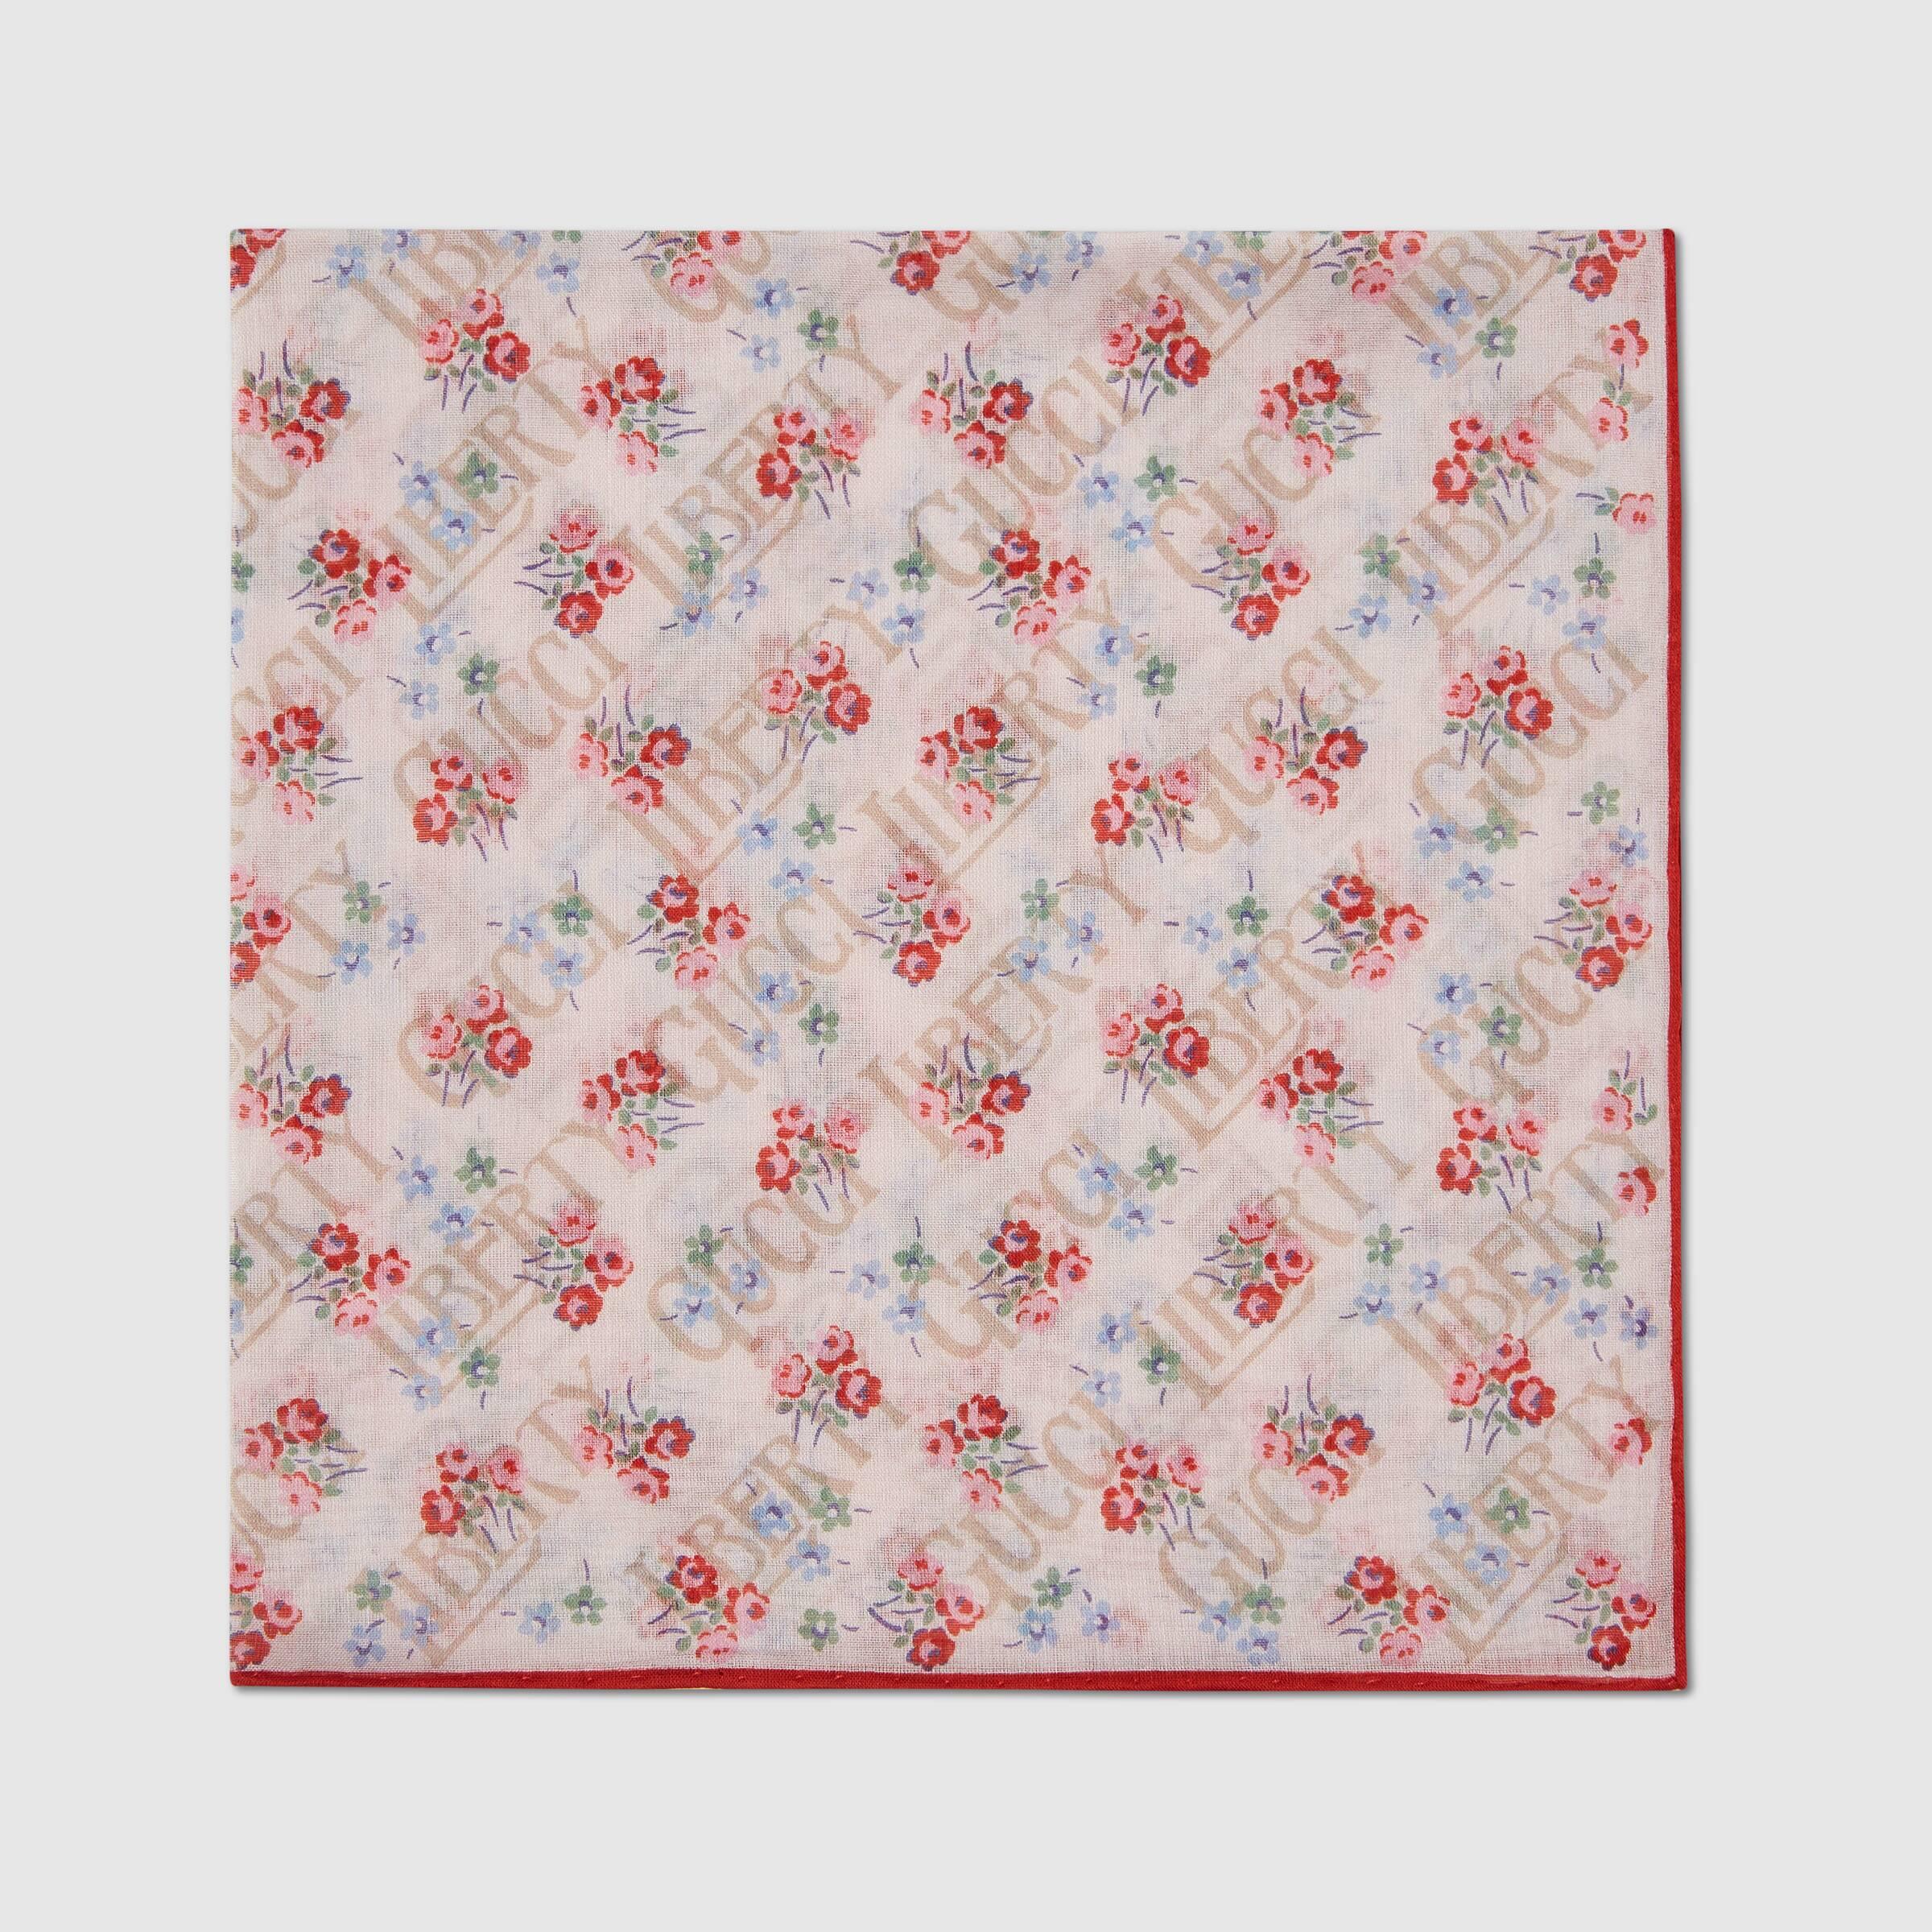 유럽직배송 구찌 GUCCI Gucci - Gucci Liberty floral cotton pocket square 6362744G1099272